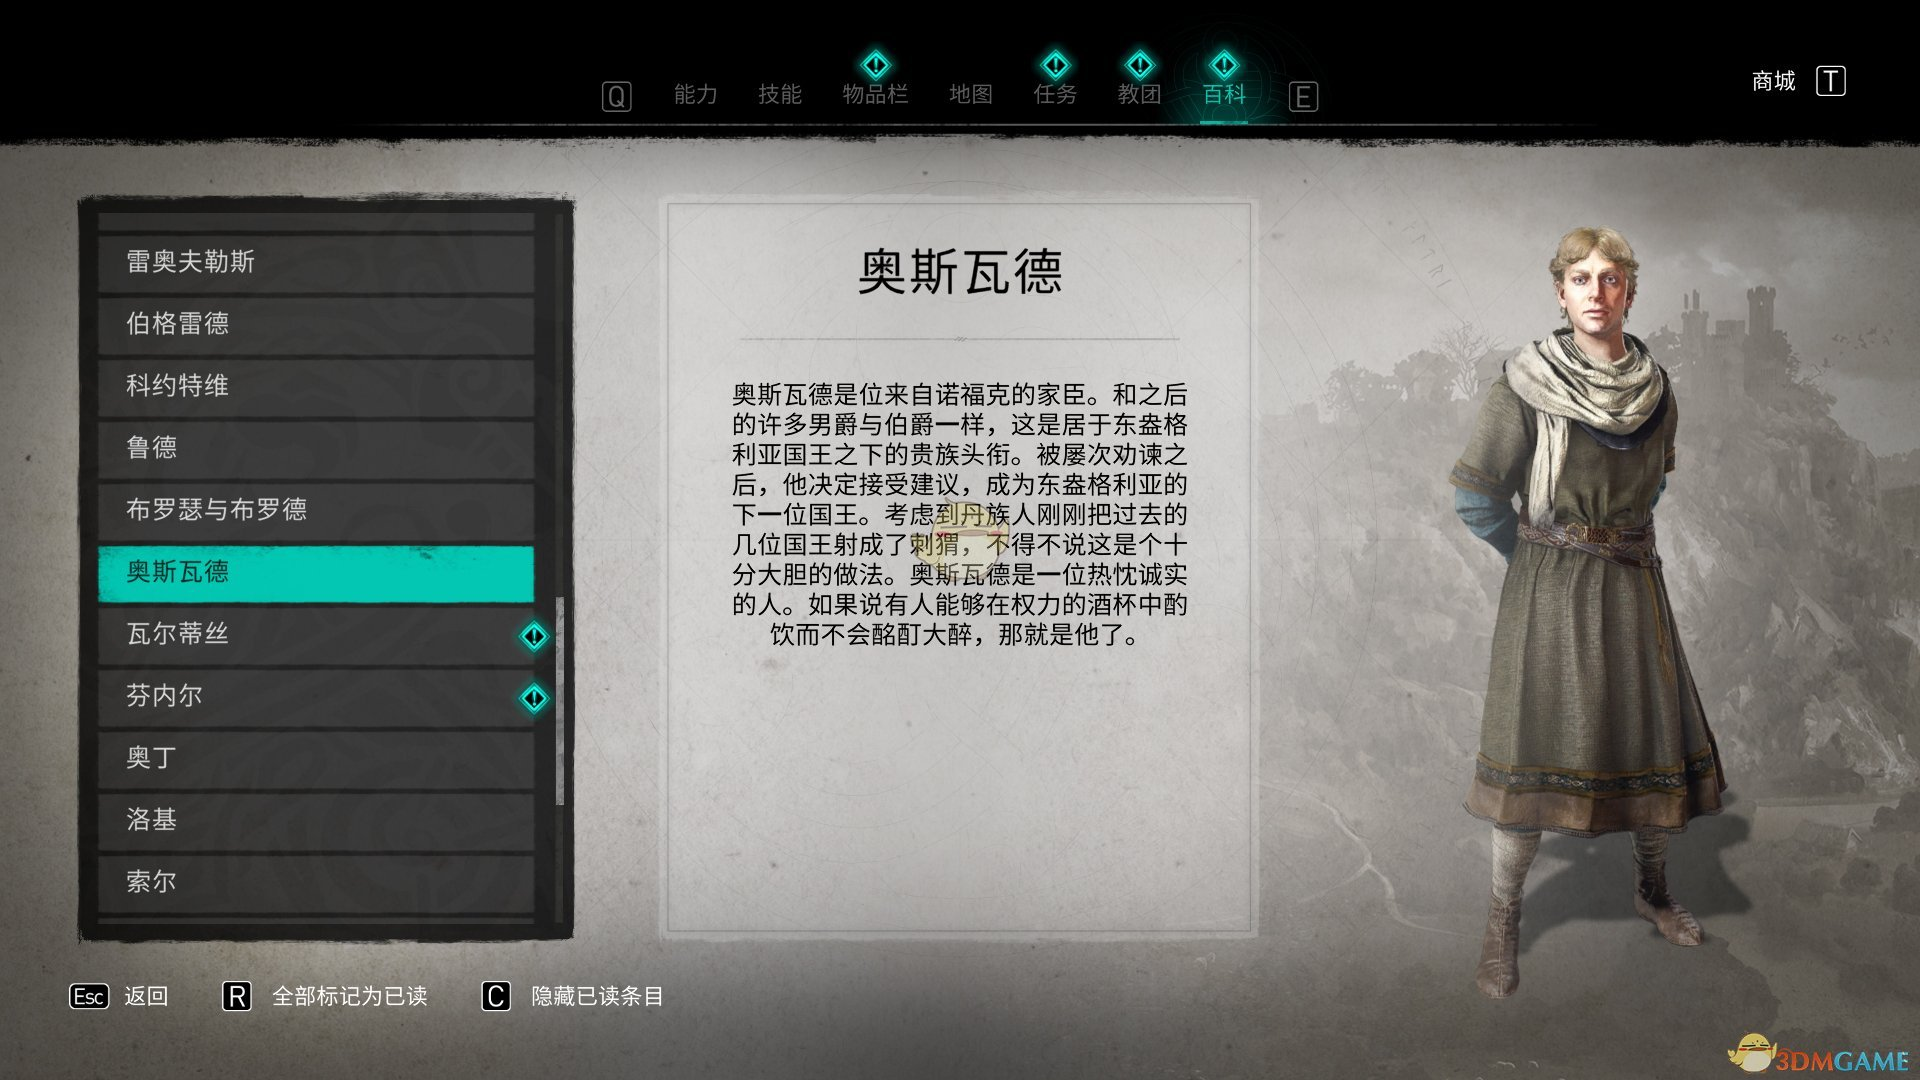 《刺客信条:英灵殿》奥斯瓦德人物背景介绍